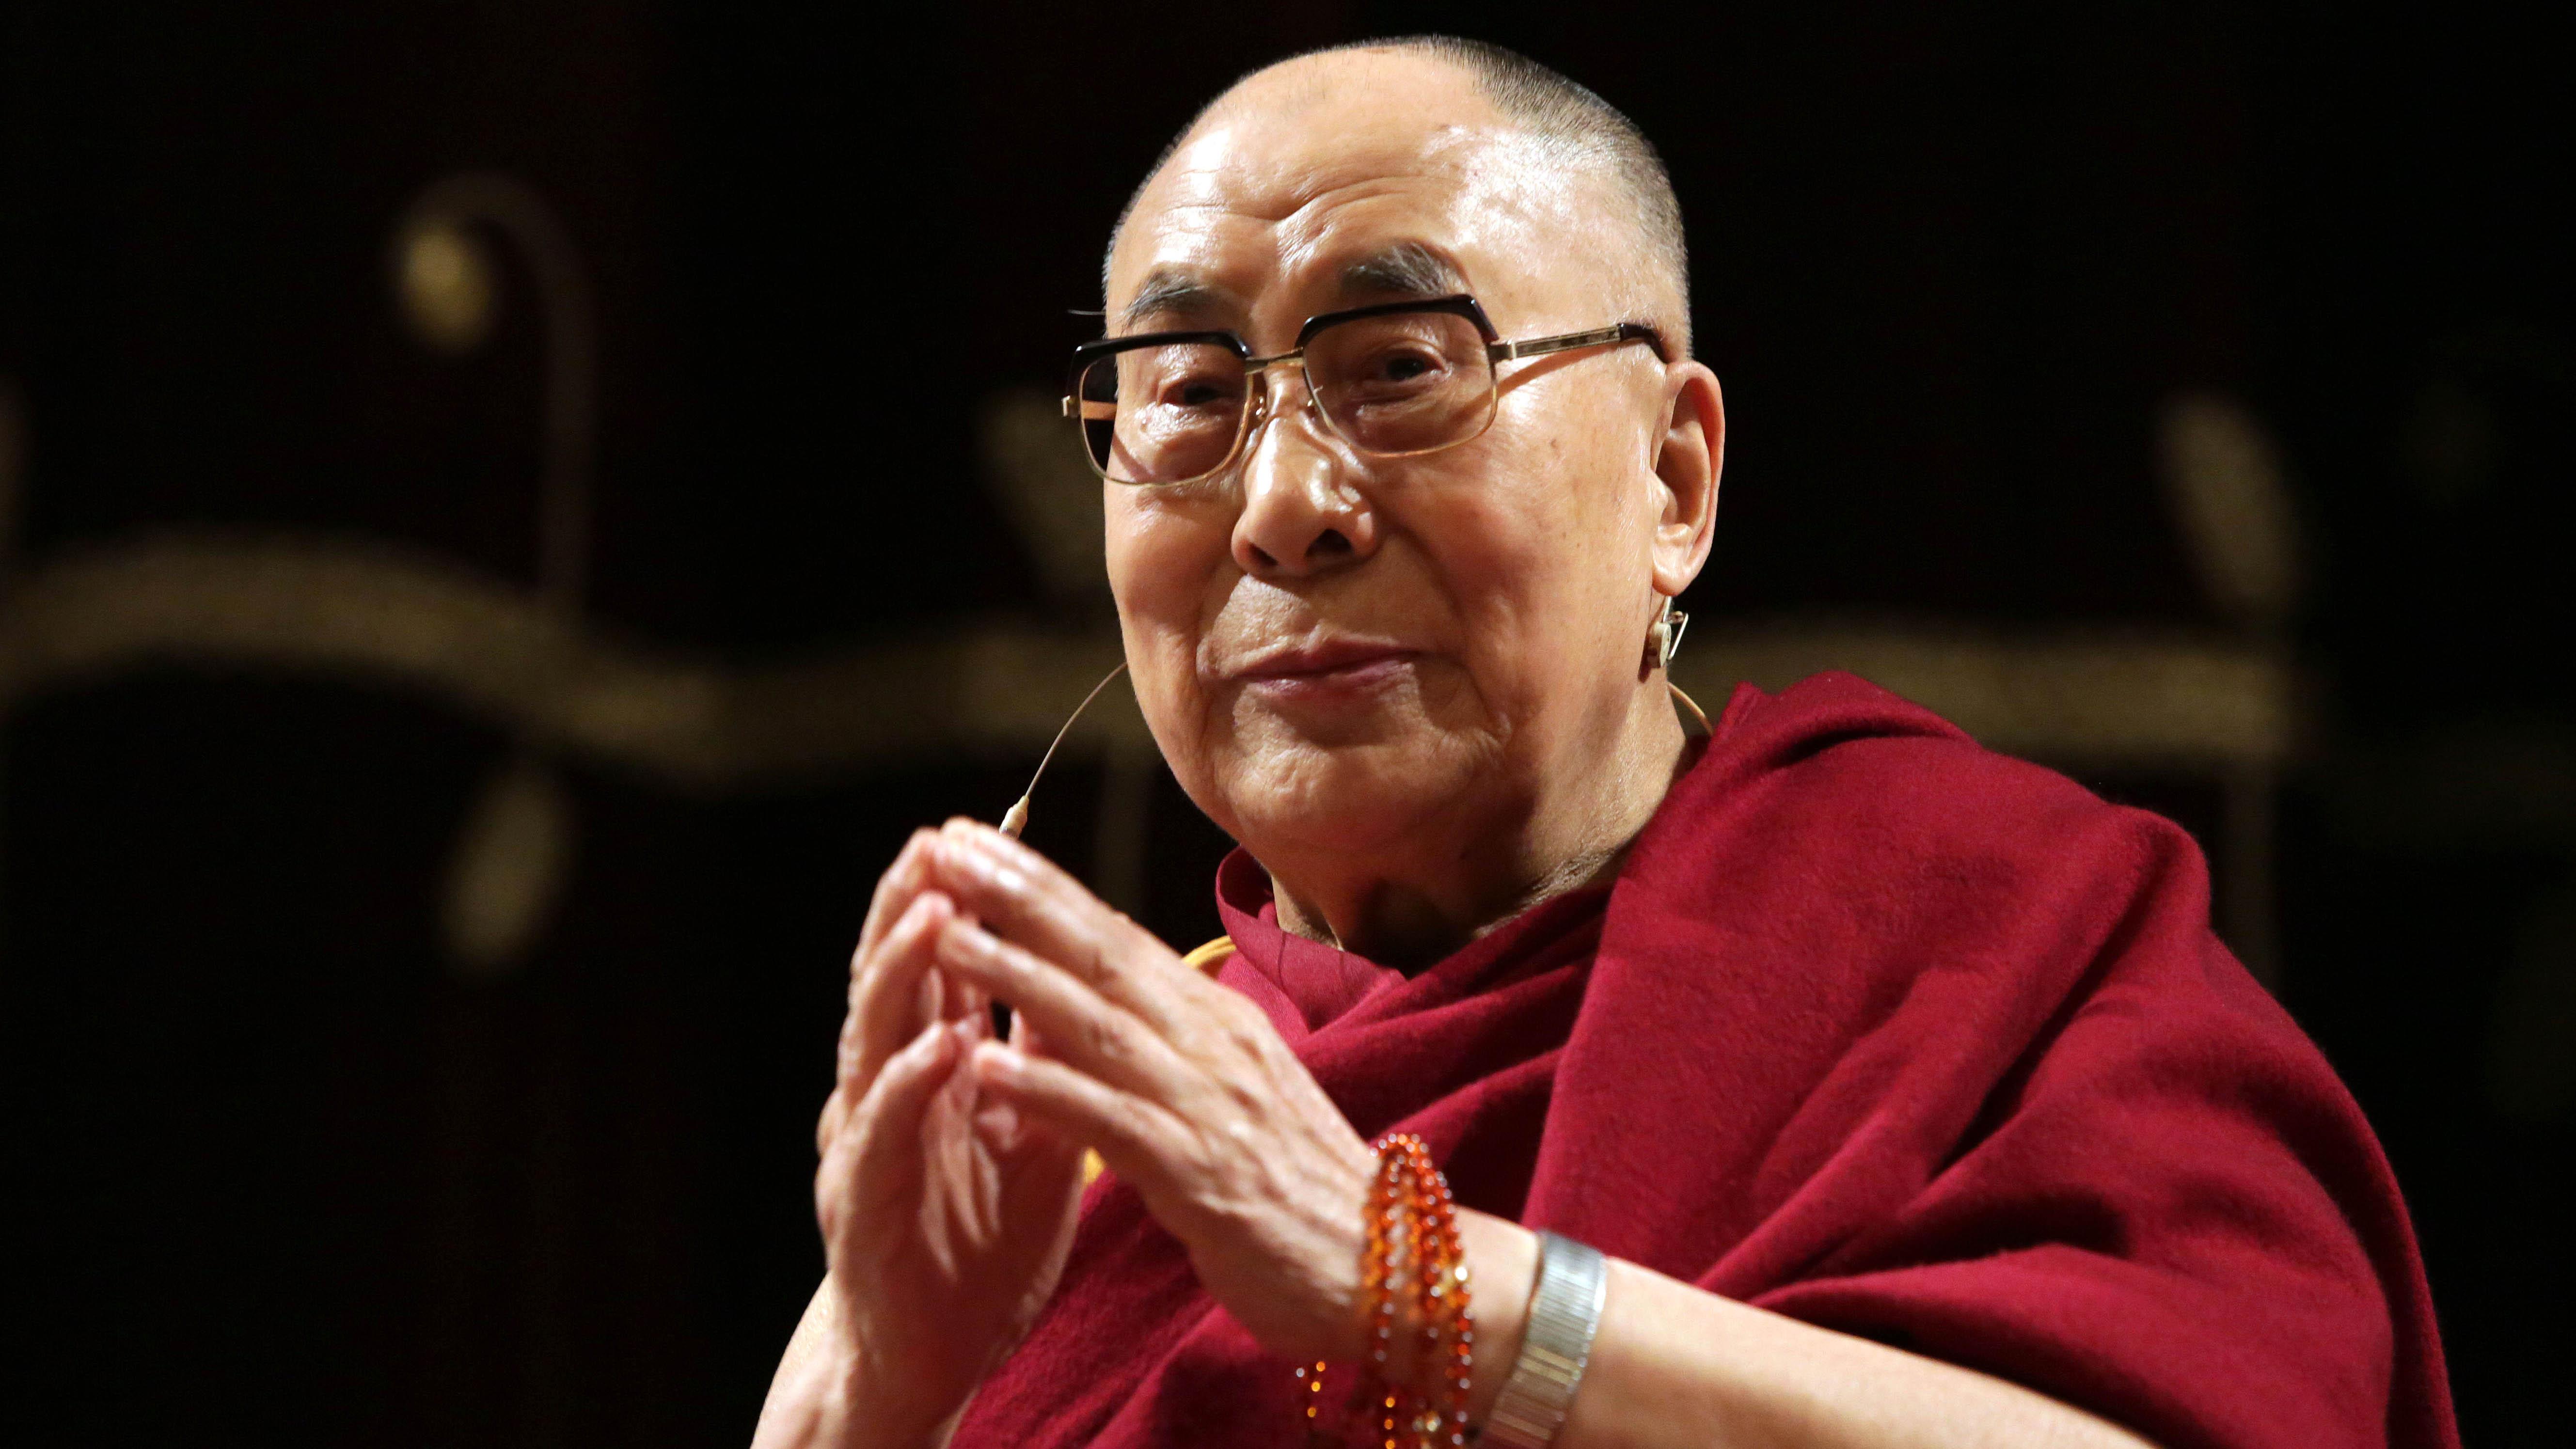 FOTO DEL GIORNO: il Dalai Lama a Milano